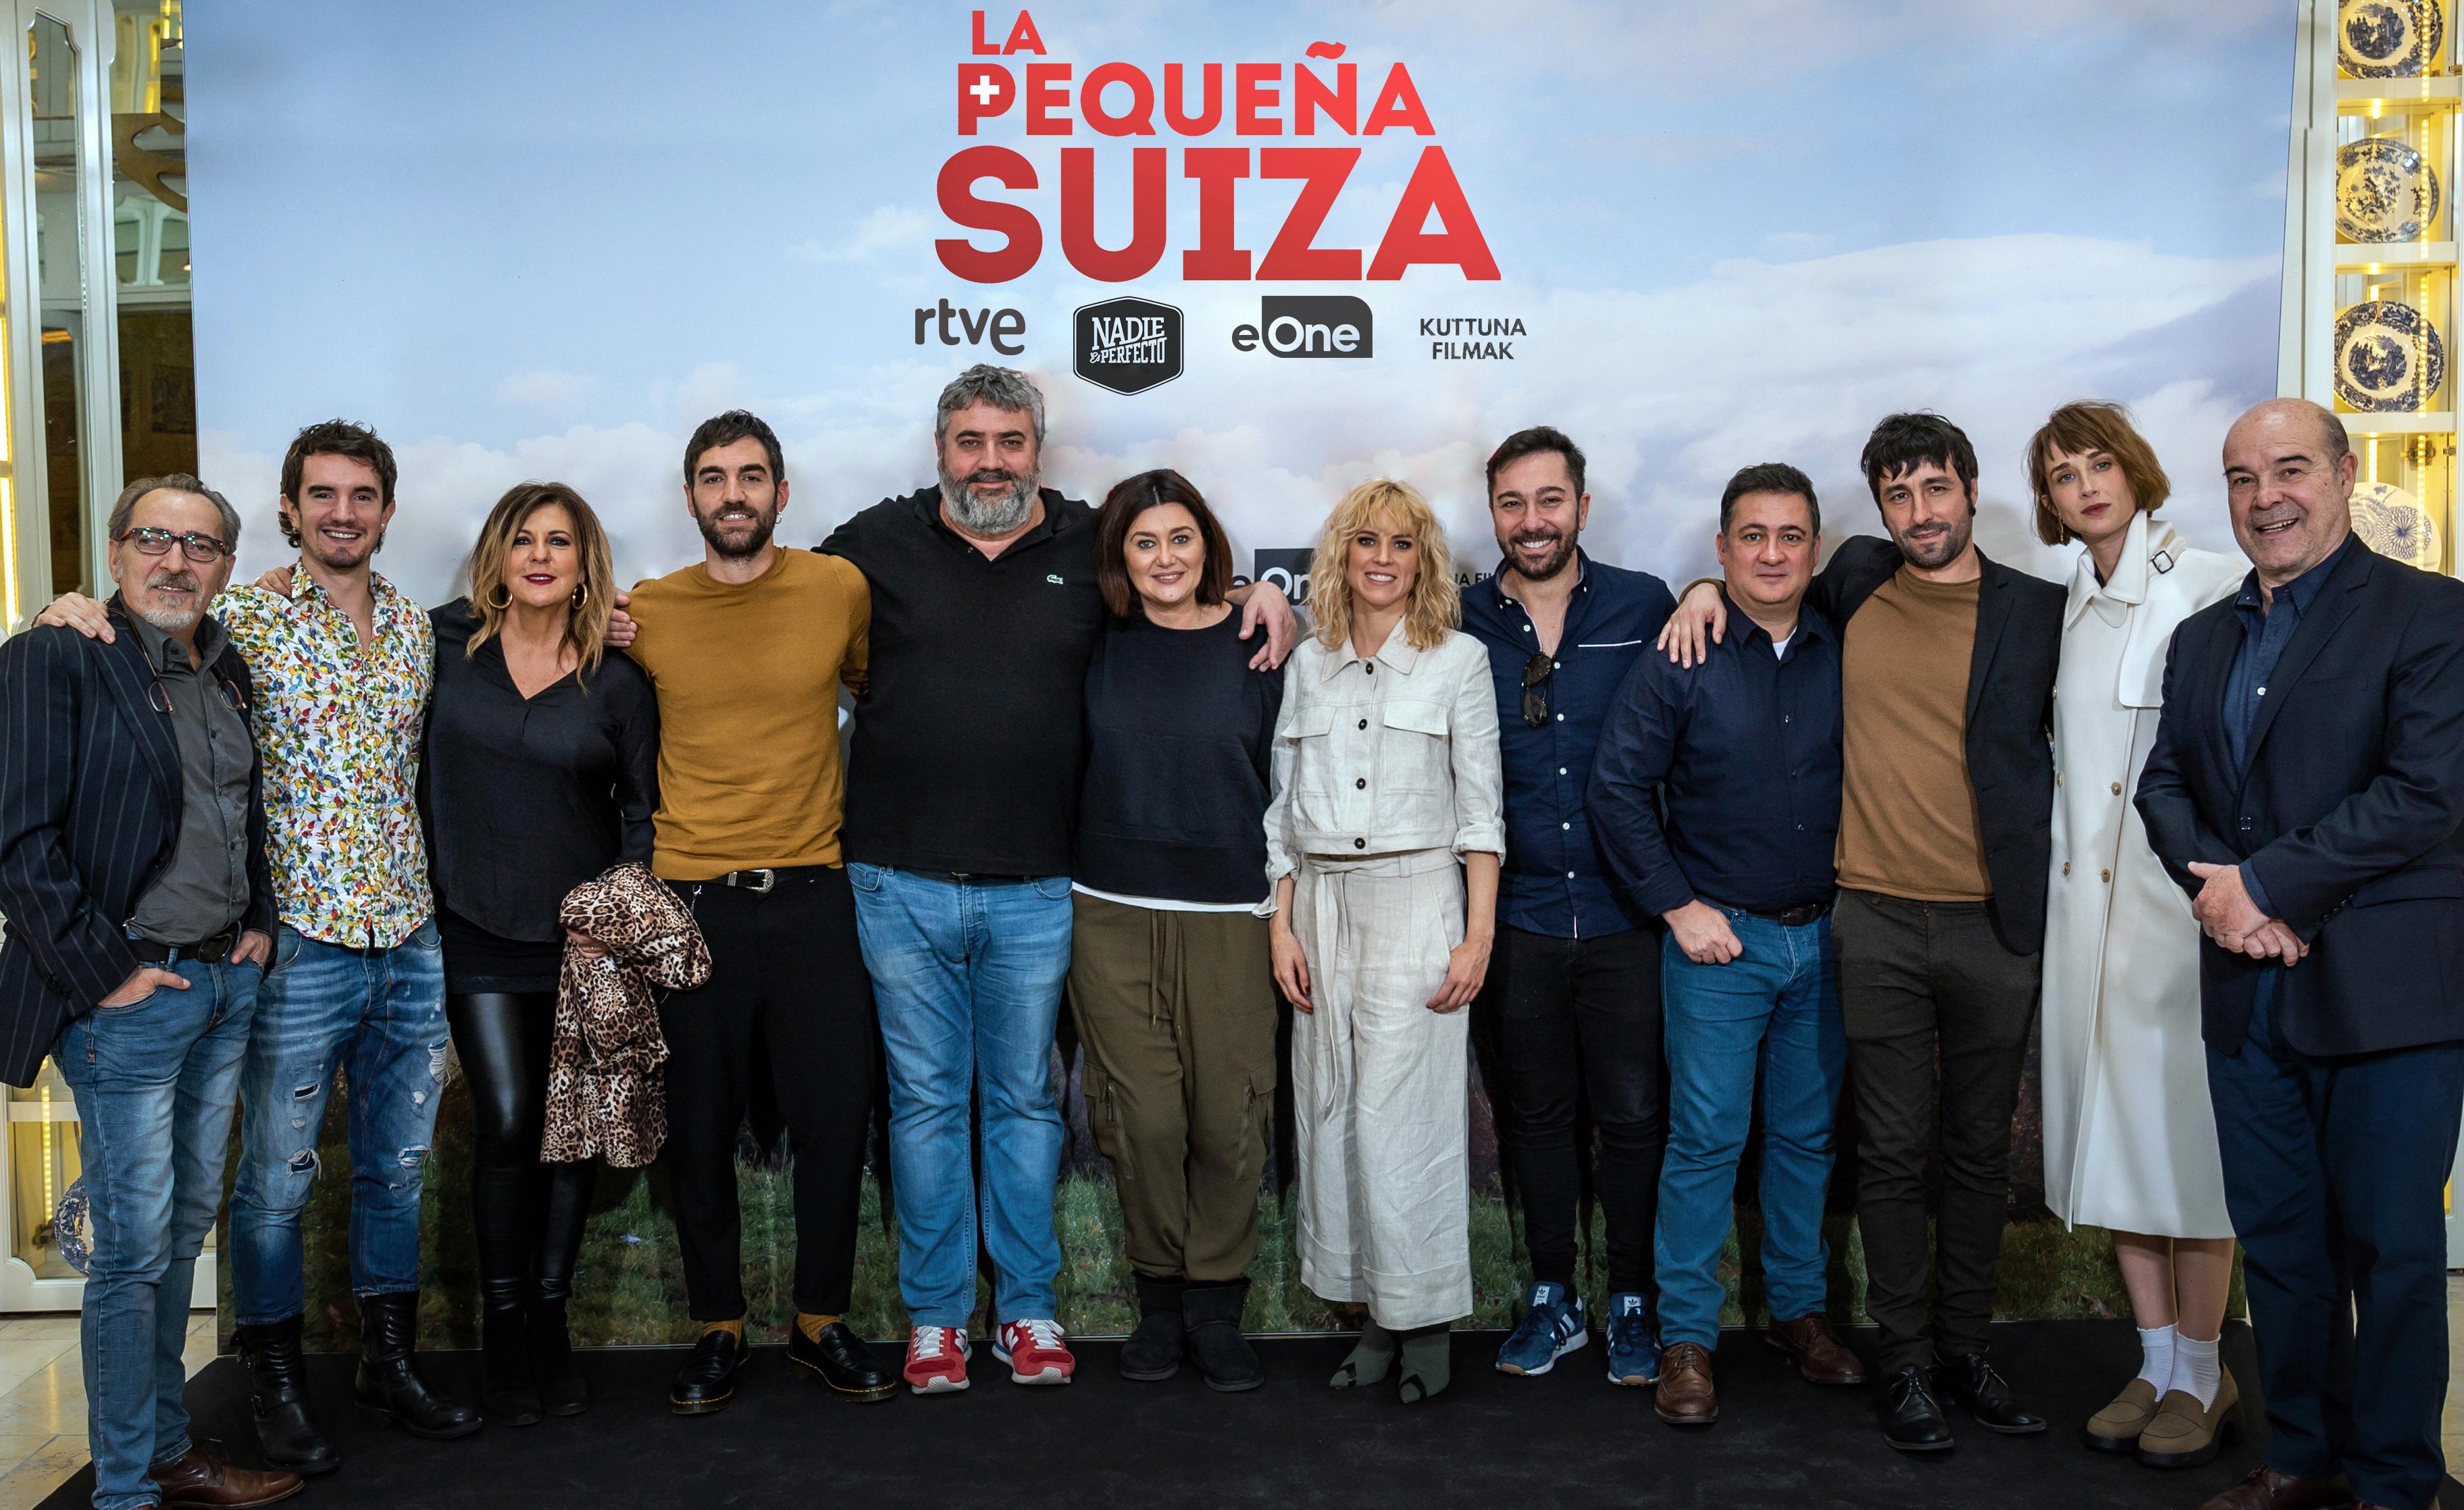 'La Pequeña Suiza' se estrenará el 26 de abril